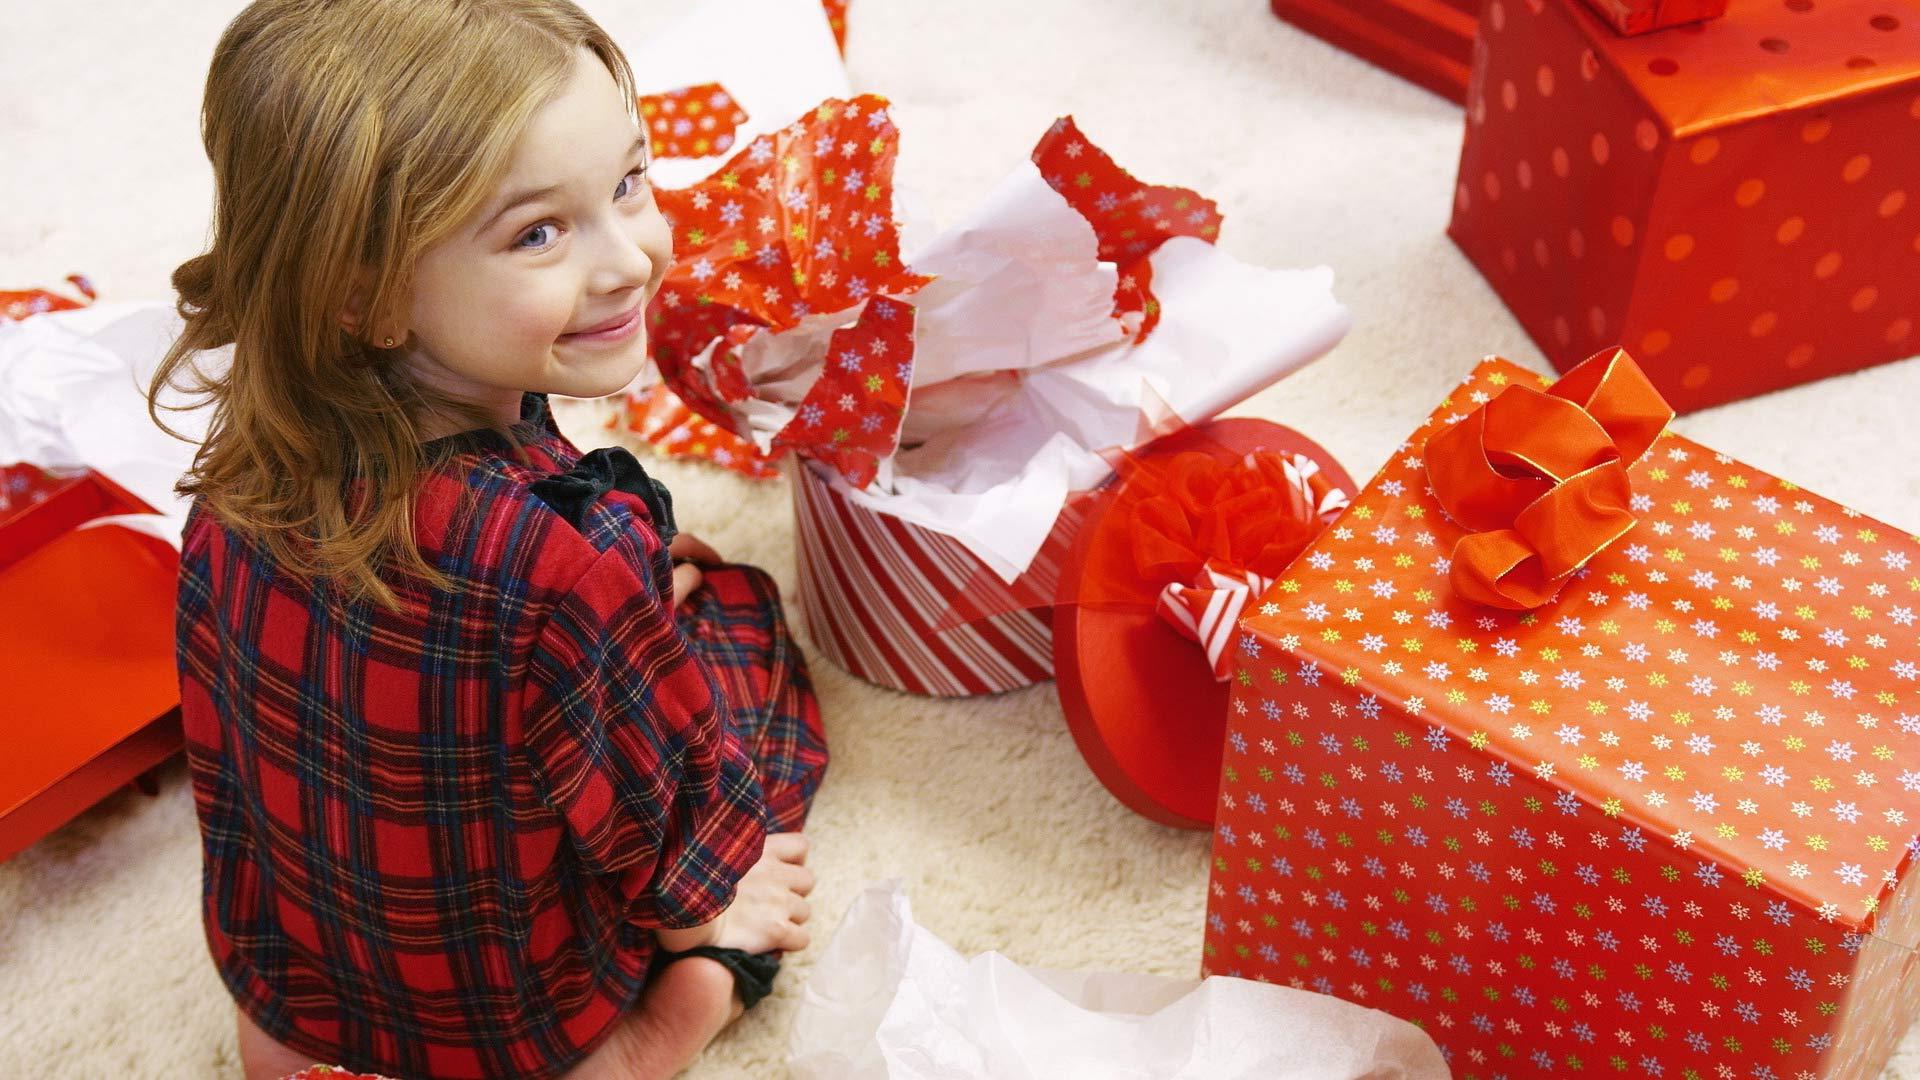 Подарки для девочек 8 лет на день рождения фото